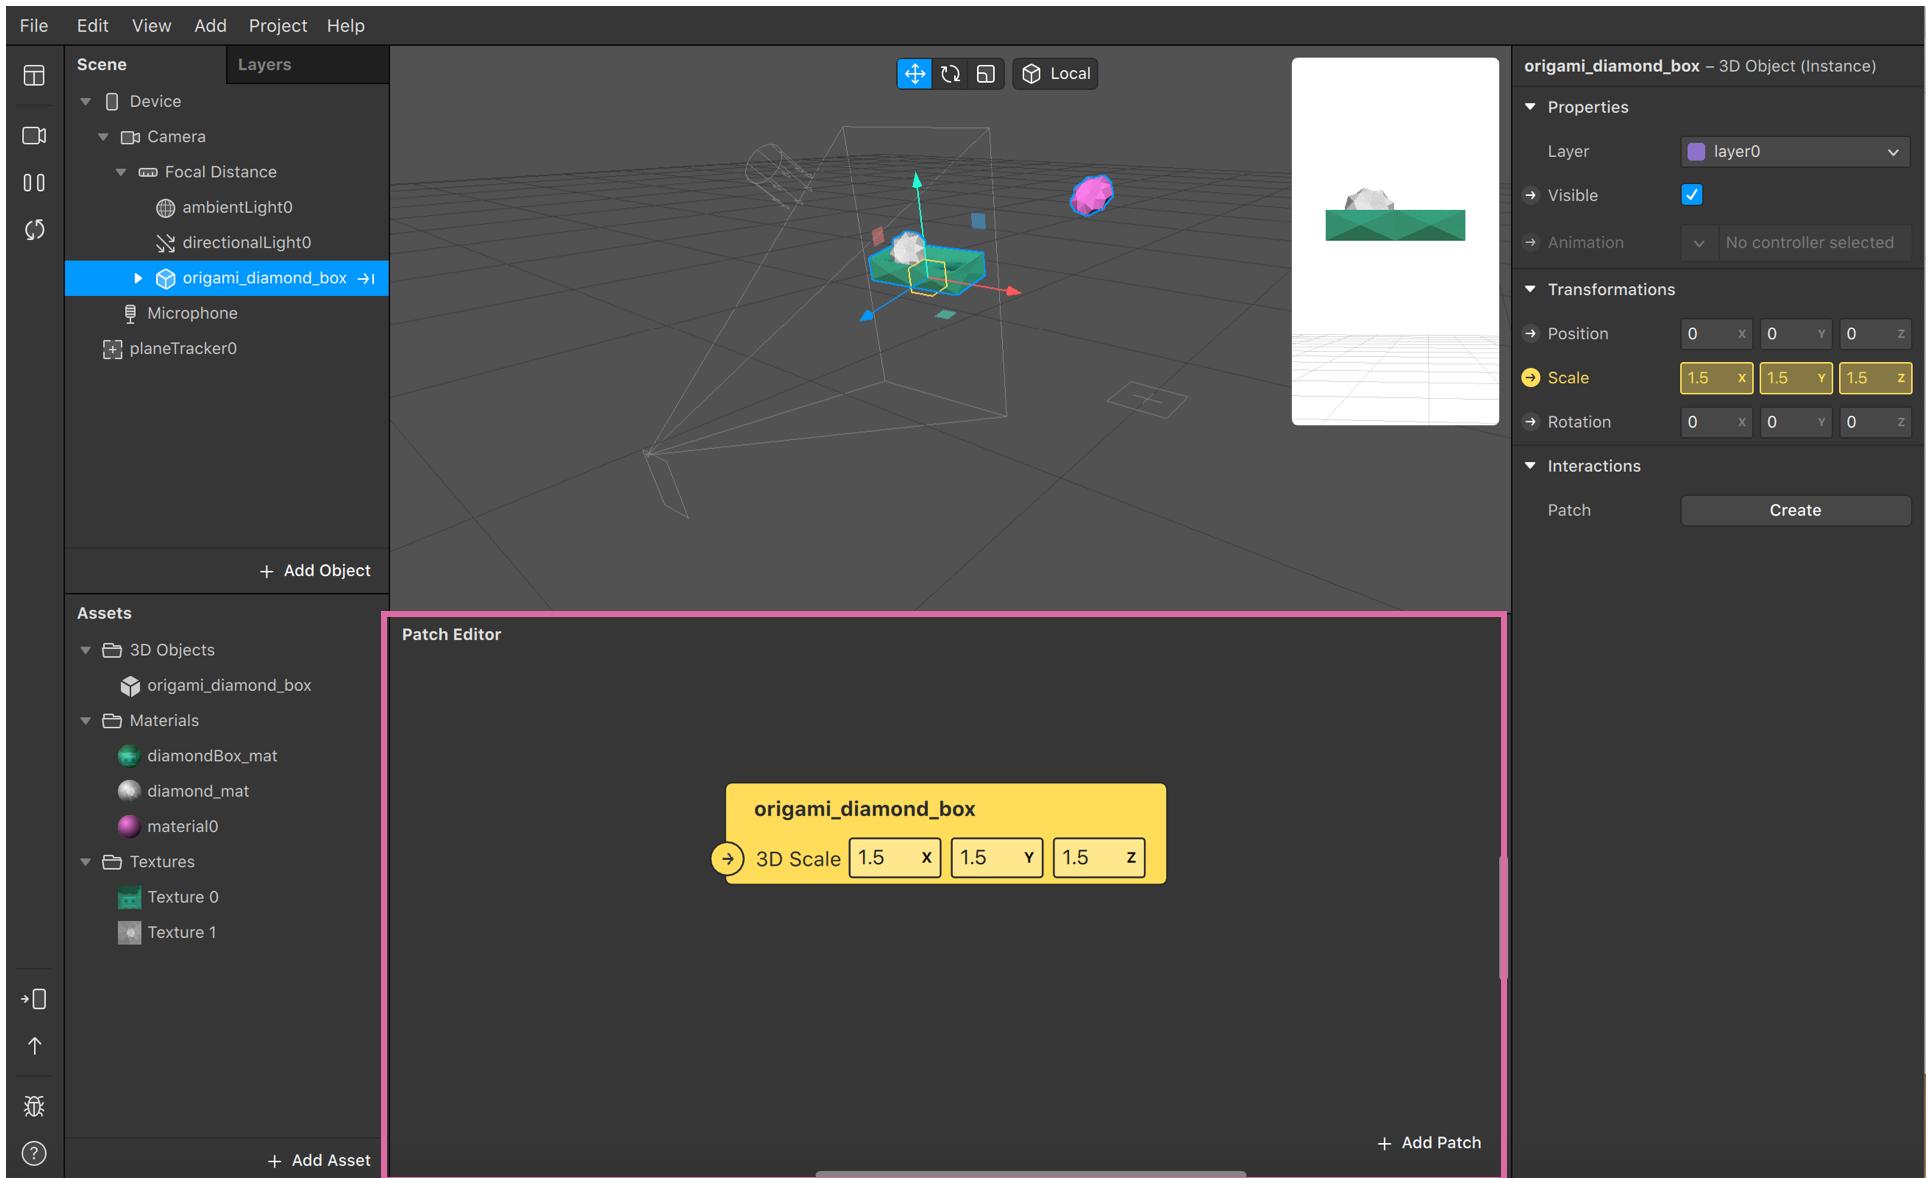 patch editor console per creare filtri